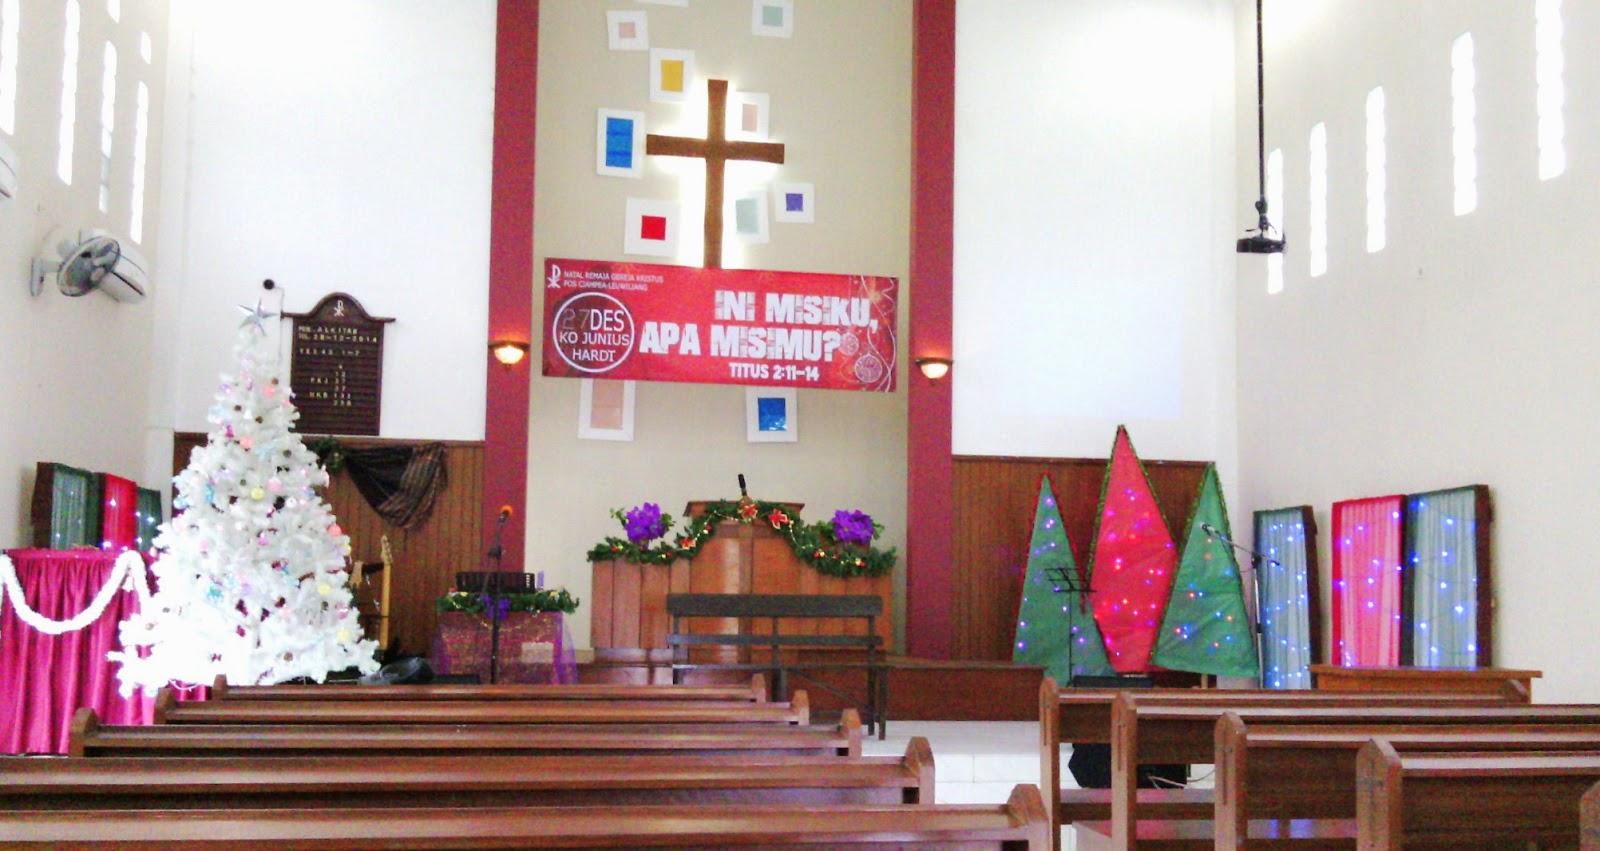 Dekorasi Natal Sederhana Untuk Gereja Dunia Otomotif 2019